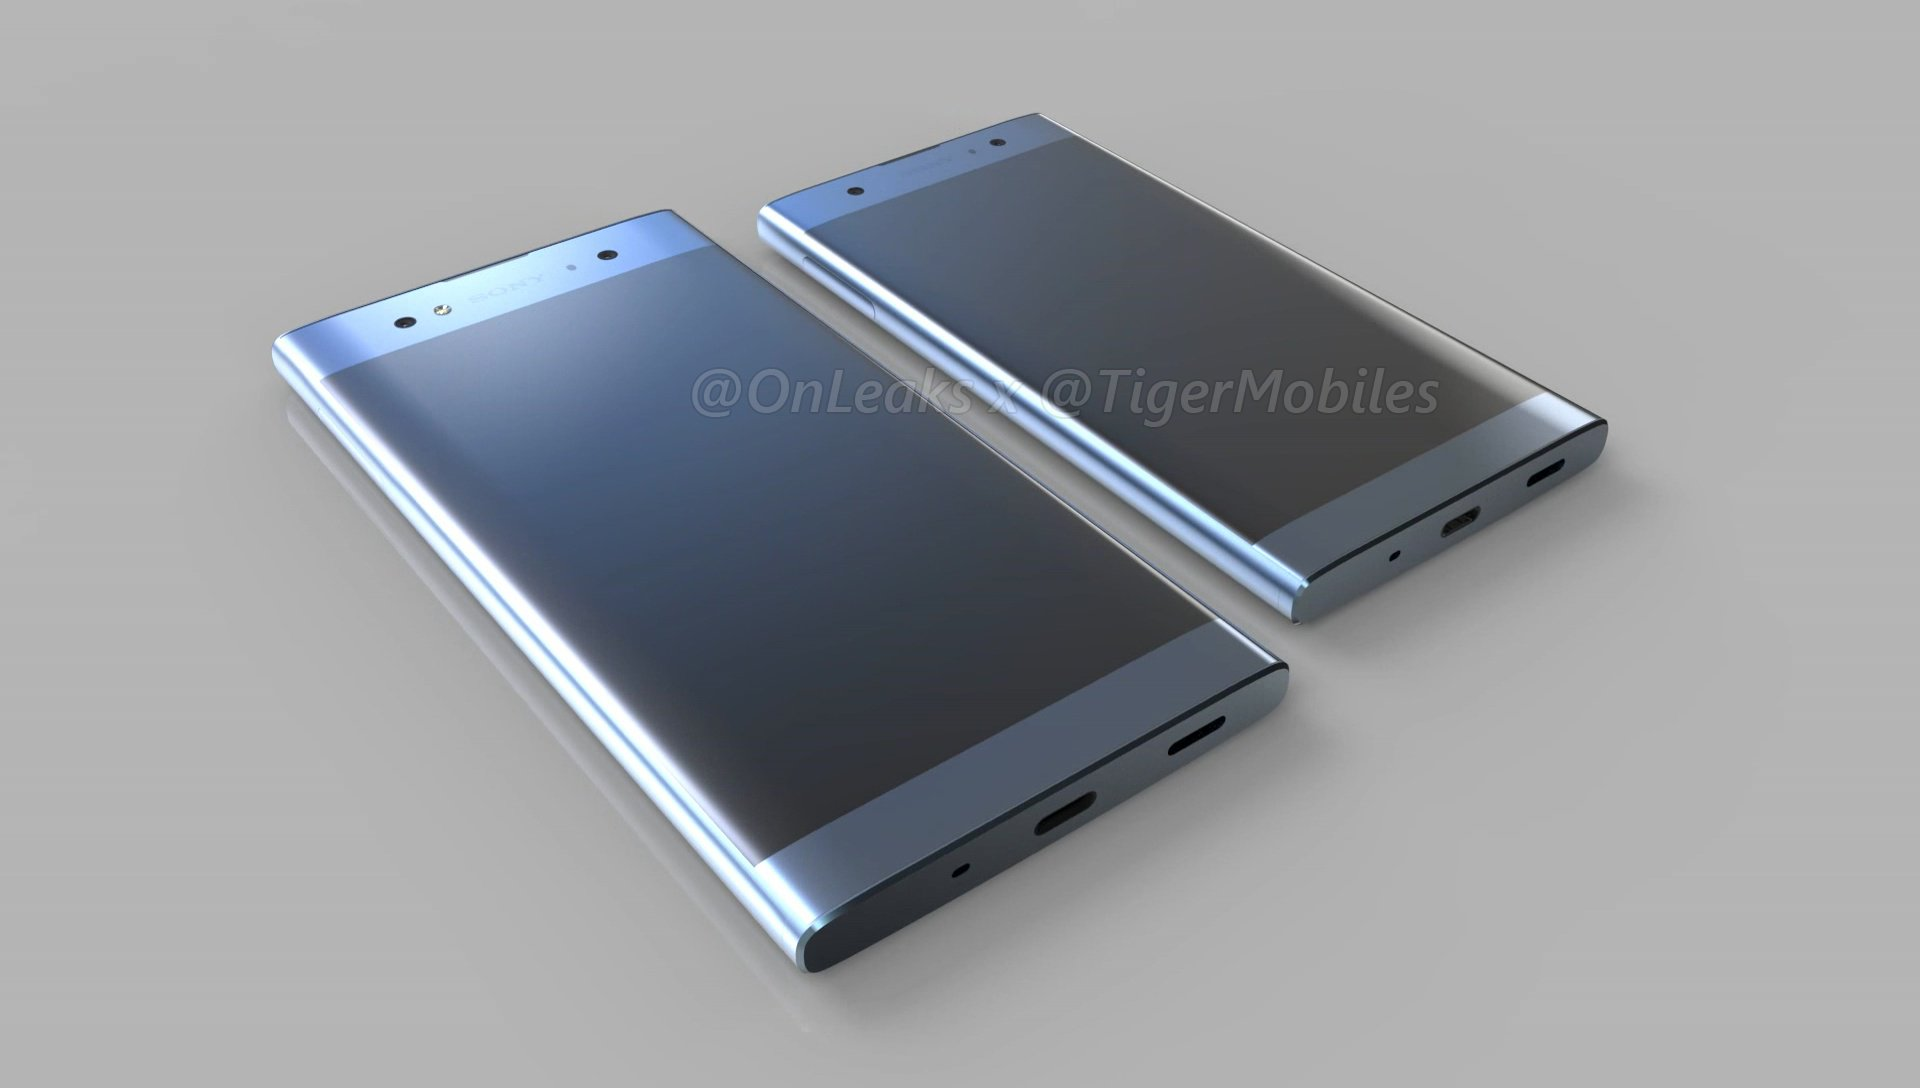 Tabletowo.pl Gdybyście się zastanawiali, jak będą wyglądać Sony Xperia XA2 i Sony Xperia XA2 Ultra, to właśnie tak Android Plotki / Przecieki Smartfony Sony